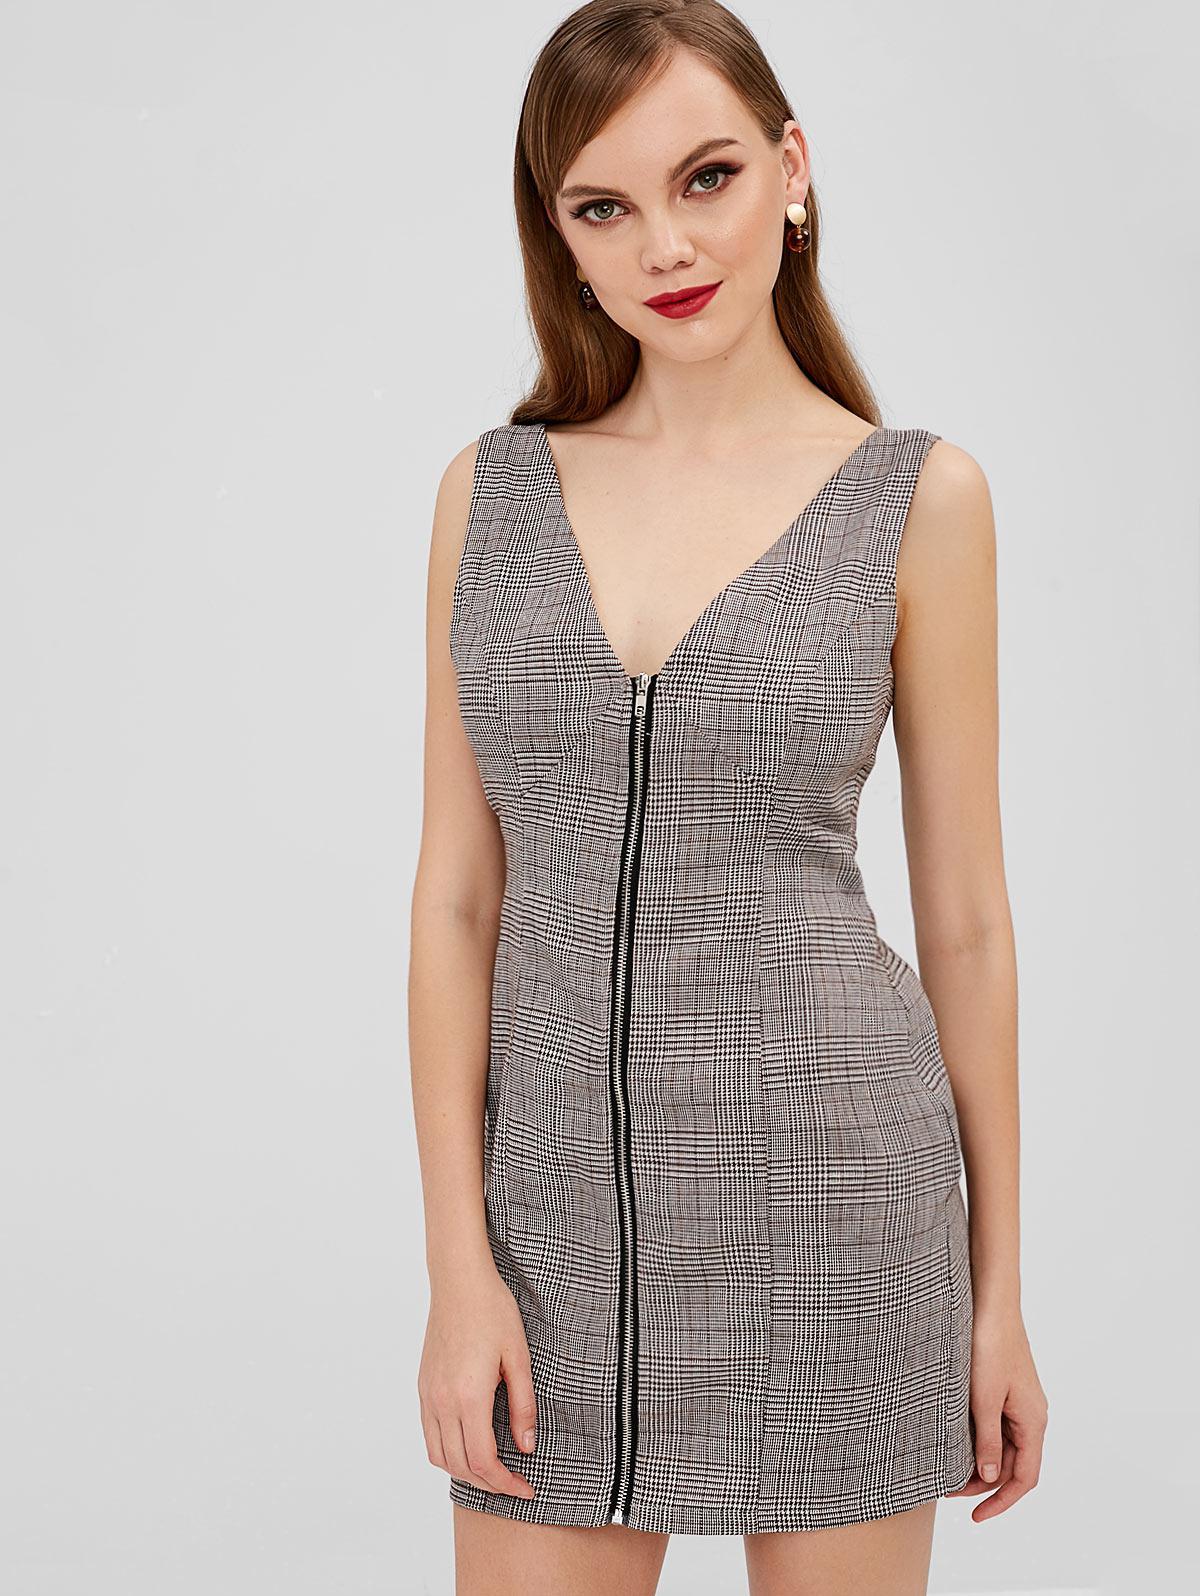 ZAFUL Zip Up Plaid Mini Dress